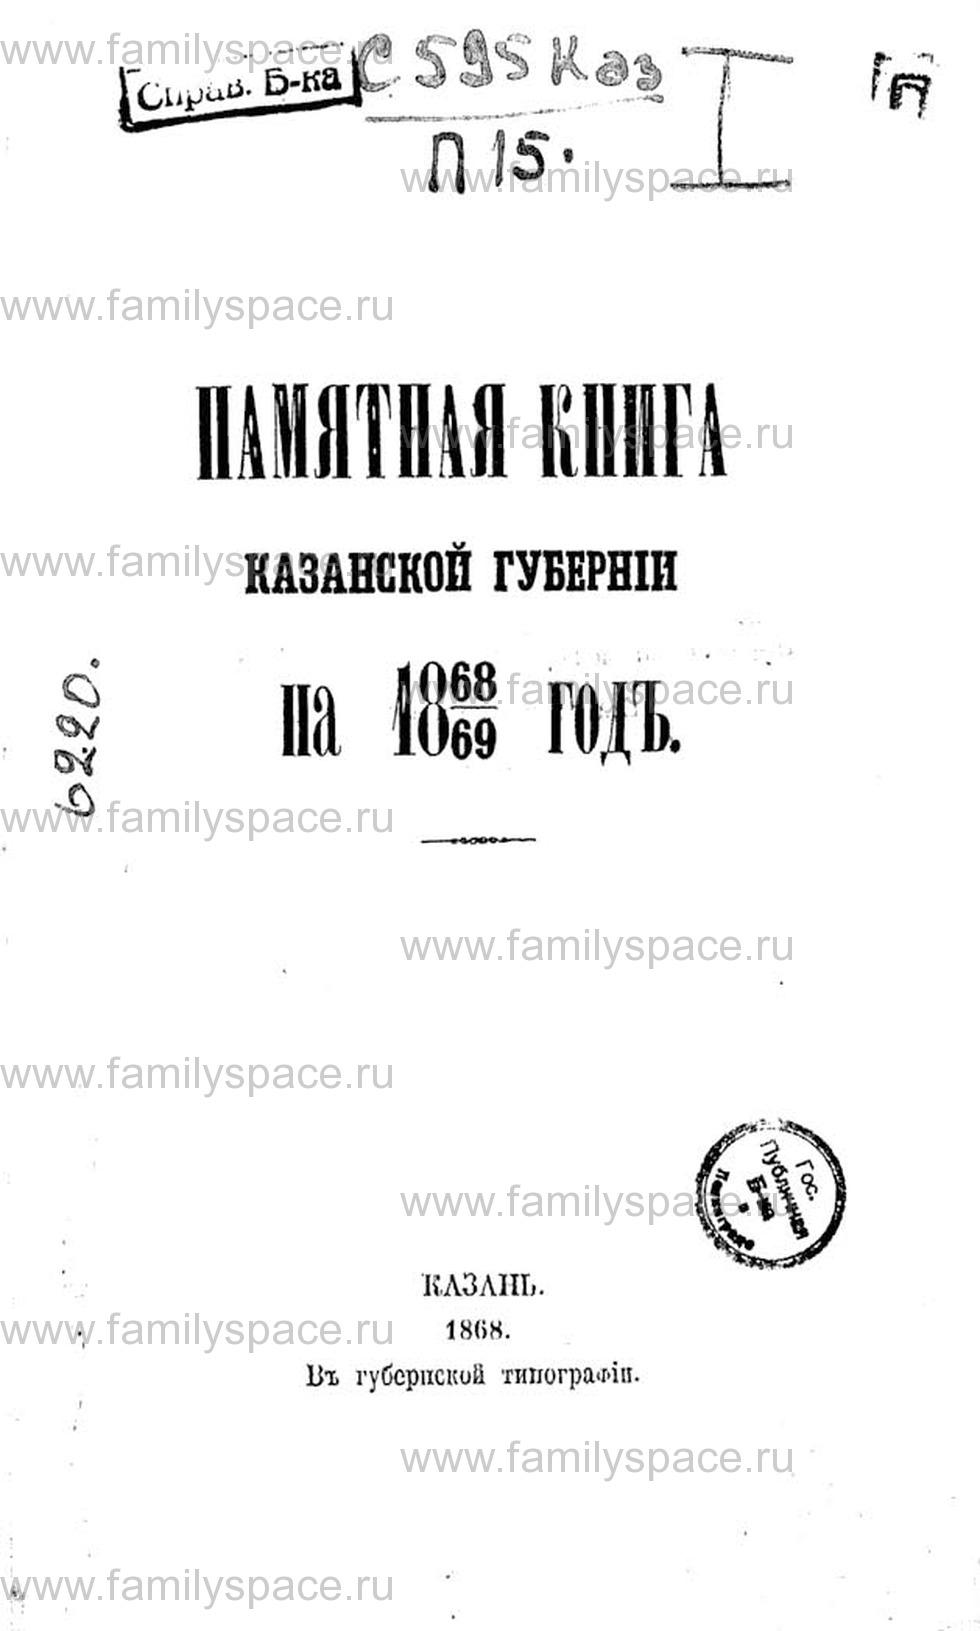 Поиск по фамилии - Памятная книга Казанской губернии на 1868-69 гг., страница 1